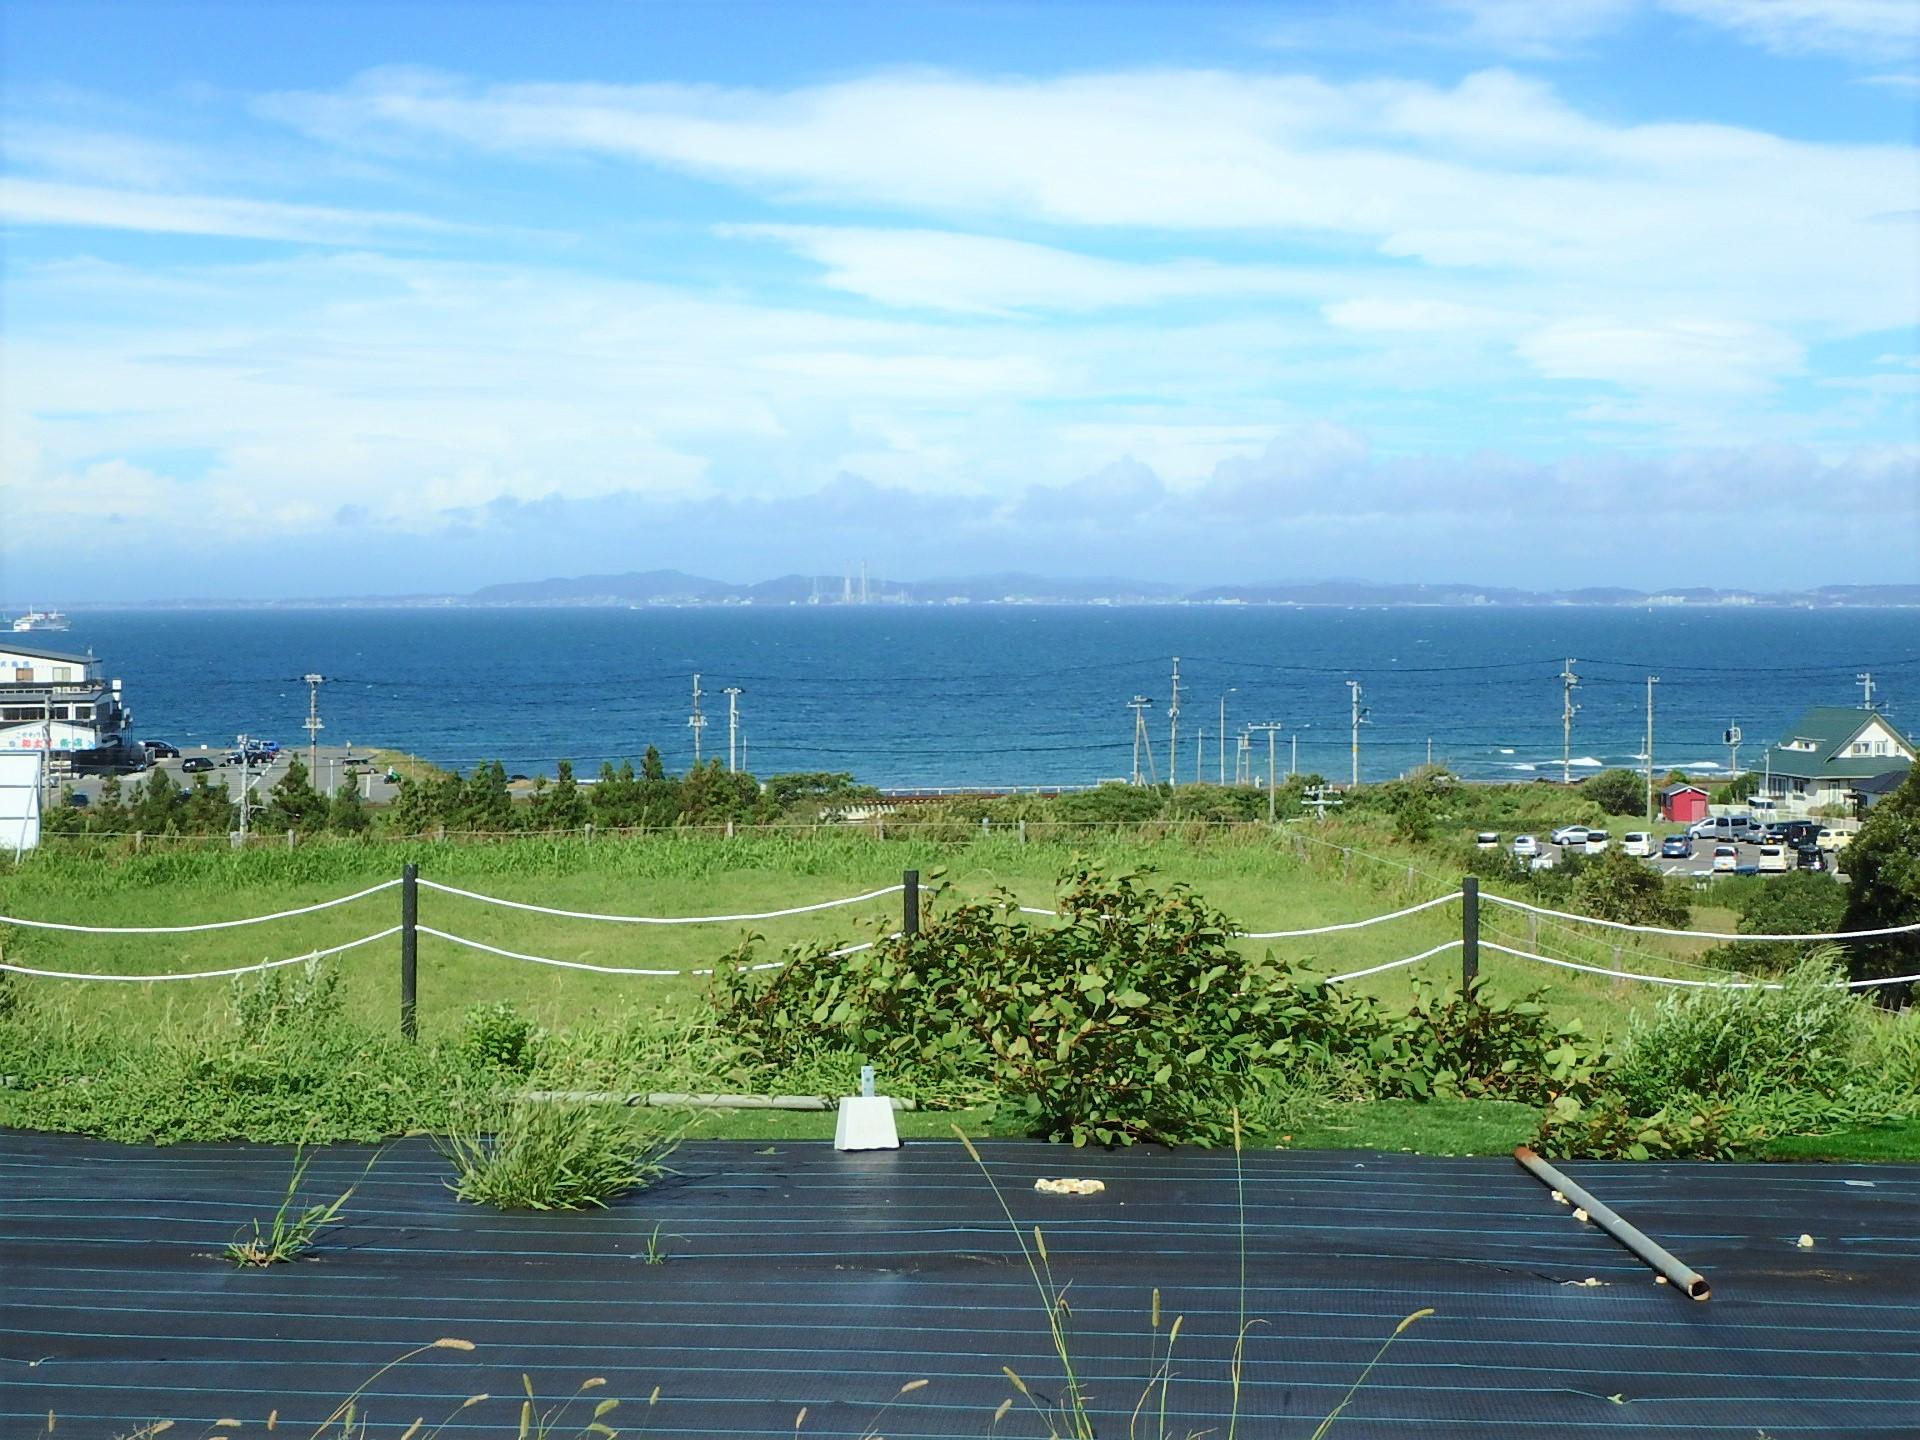 千葉県富津市金谷の海が見える温泉付き売地 海一望の土地 南総ユニオン株式会社